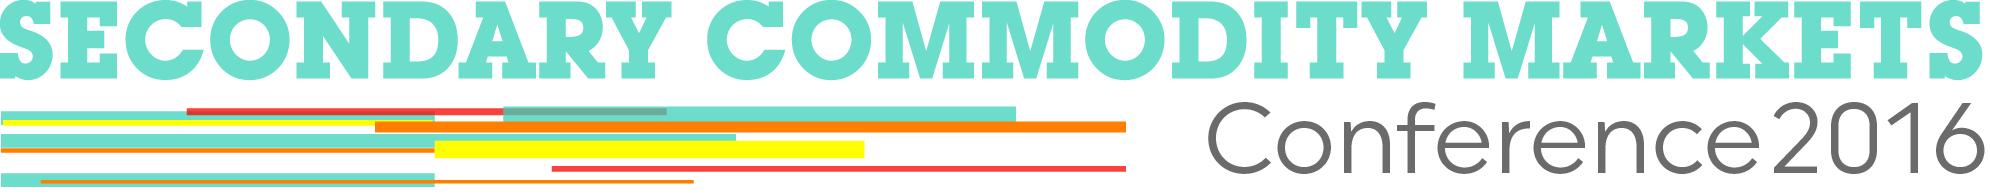 Secondary Commodity Markets 2016 logo